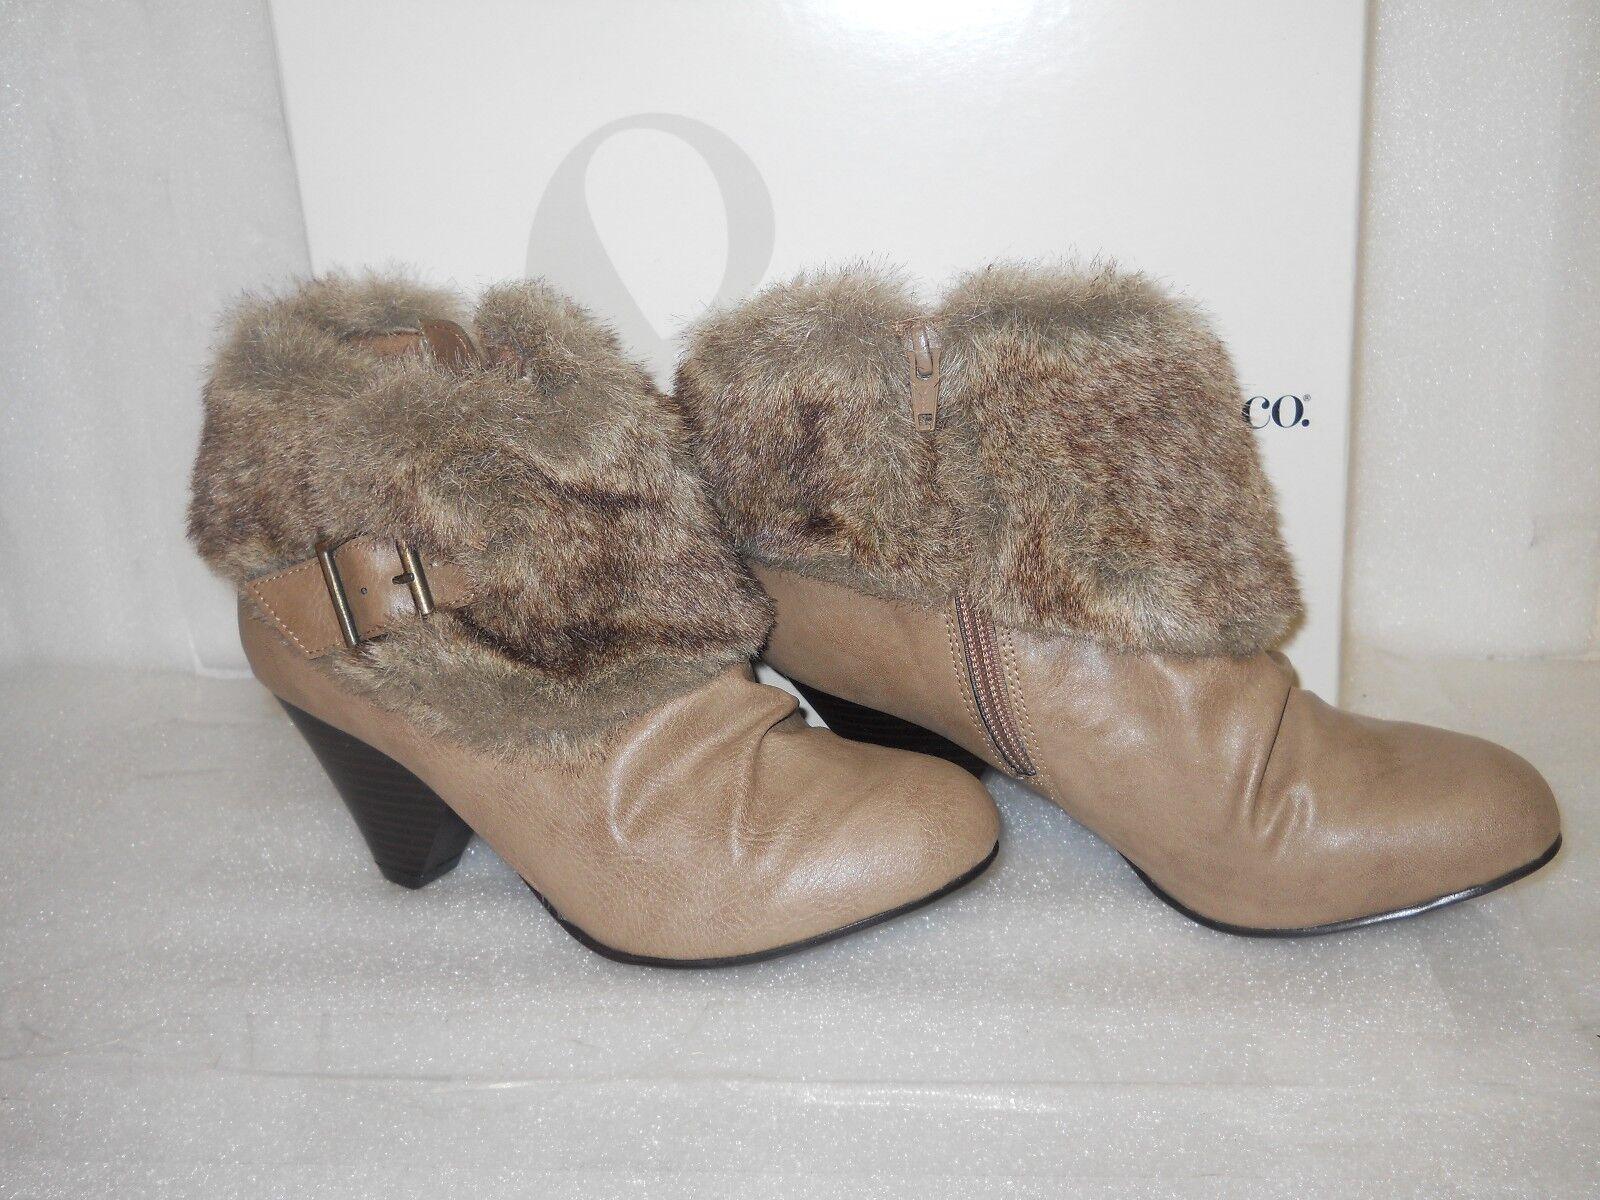 saldi Style & & & Co New donna Sookie Natural Taupe stivali 5.5 M scarpe NWB  vendite dirette della fabbrica